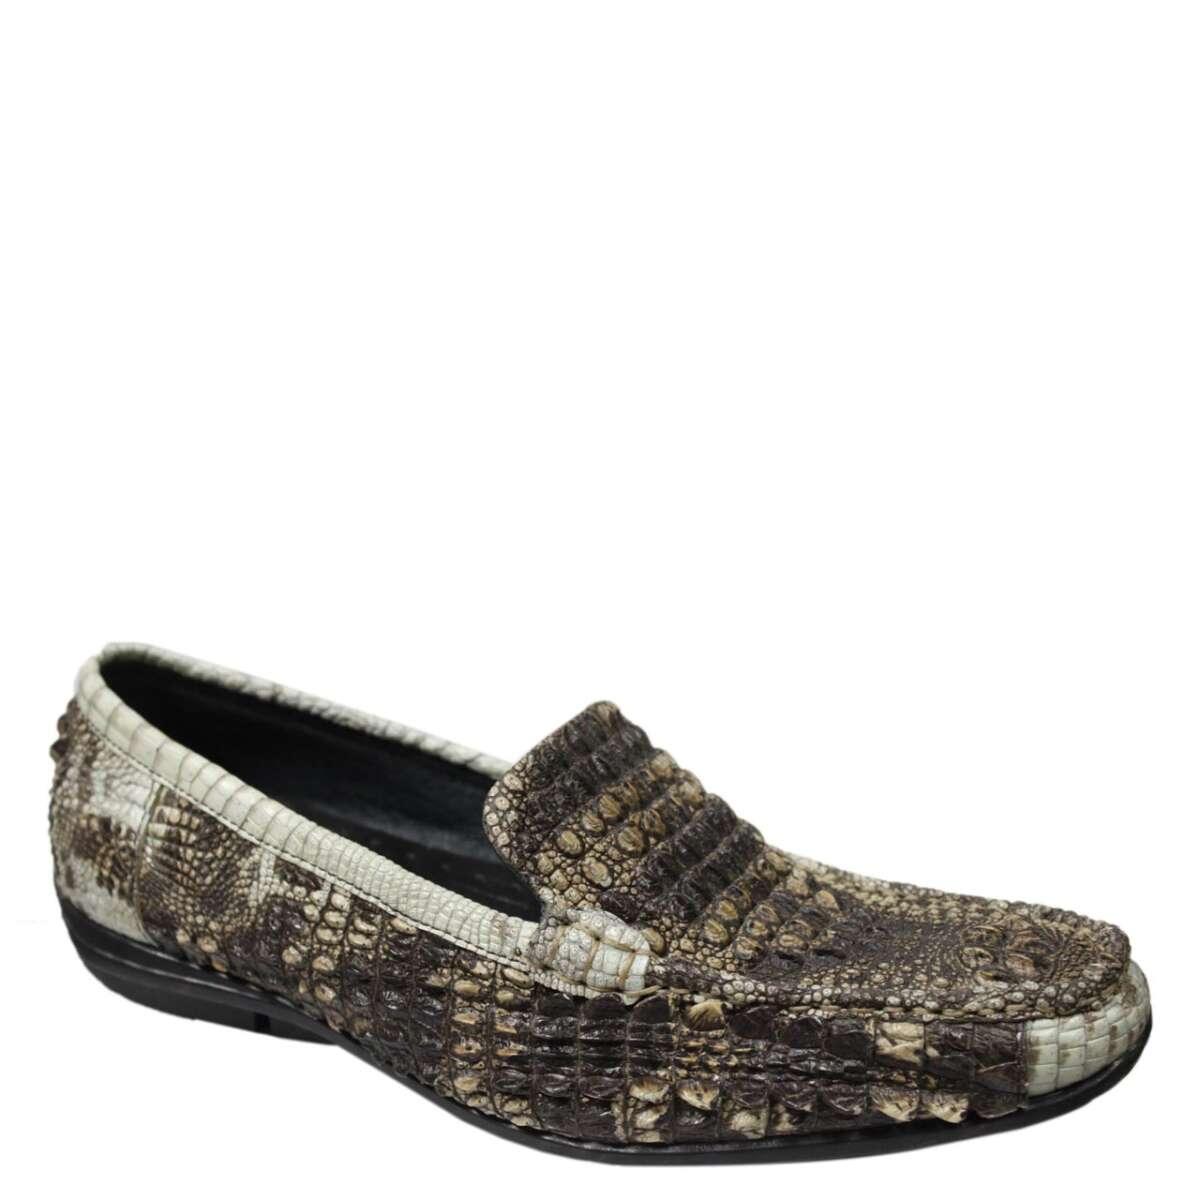 Giày lười nam da cá sấu nguyên thủy S871